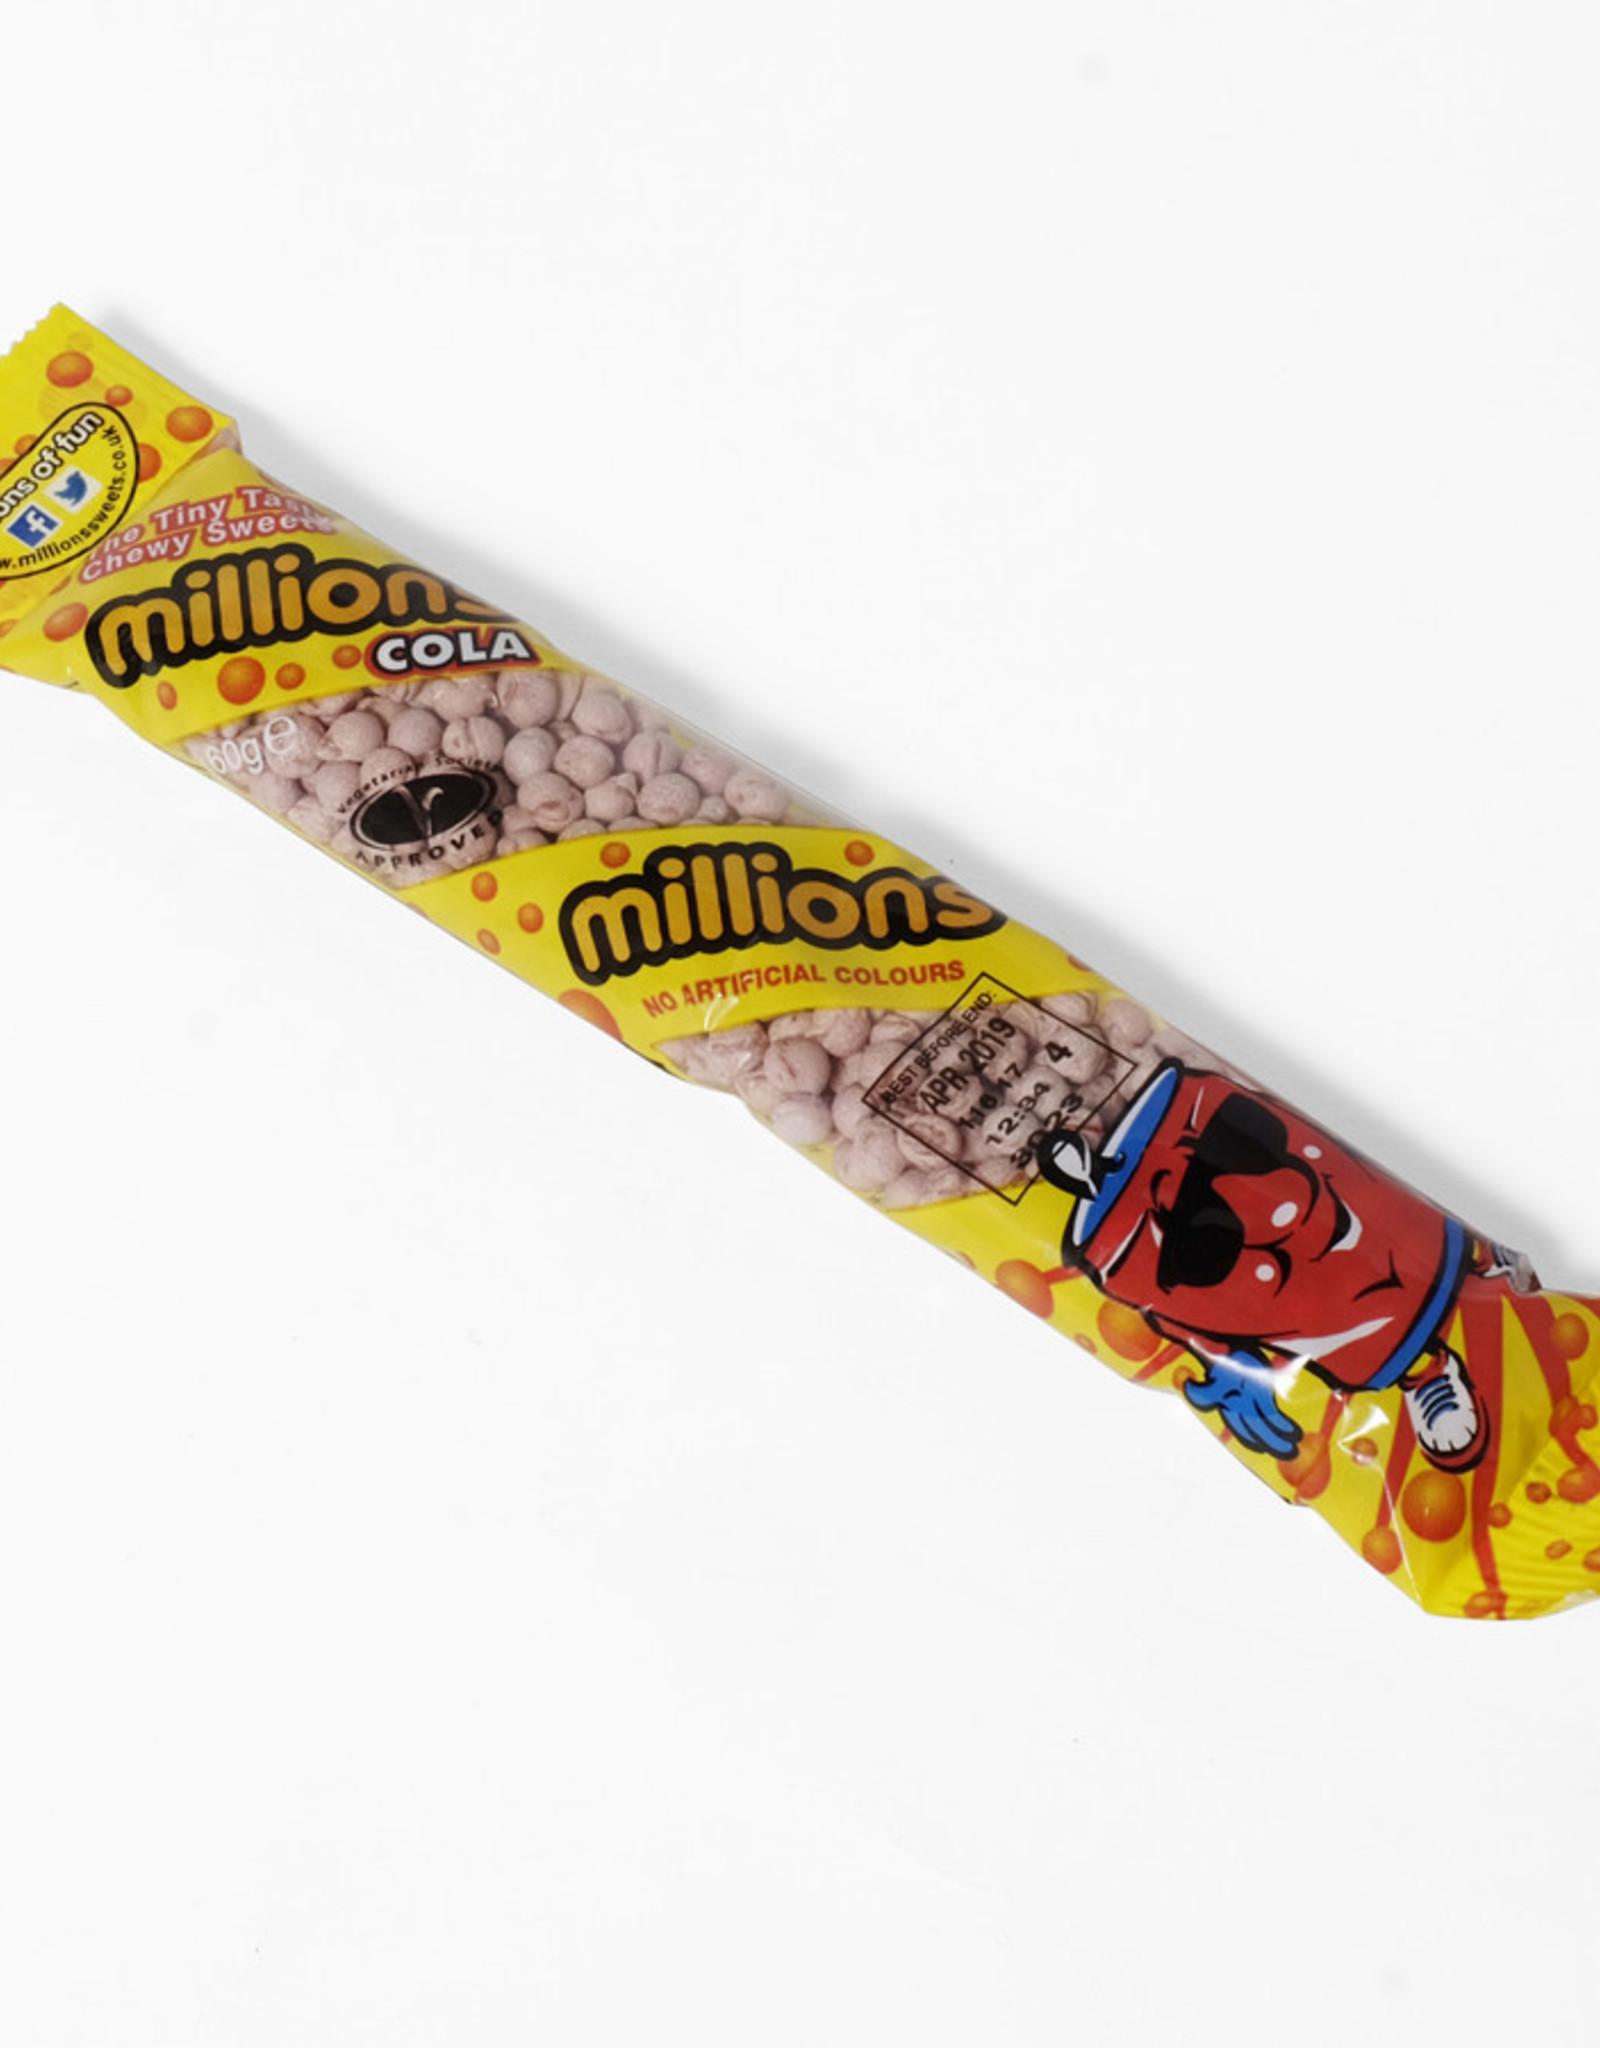 Millions Millions Cola flavour